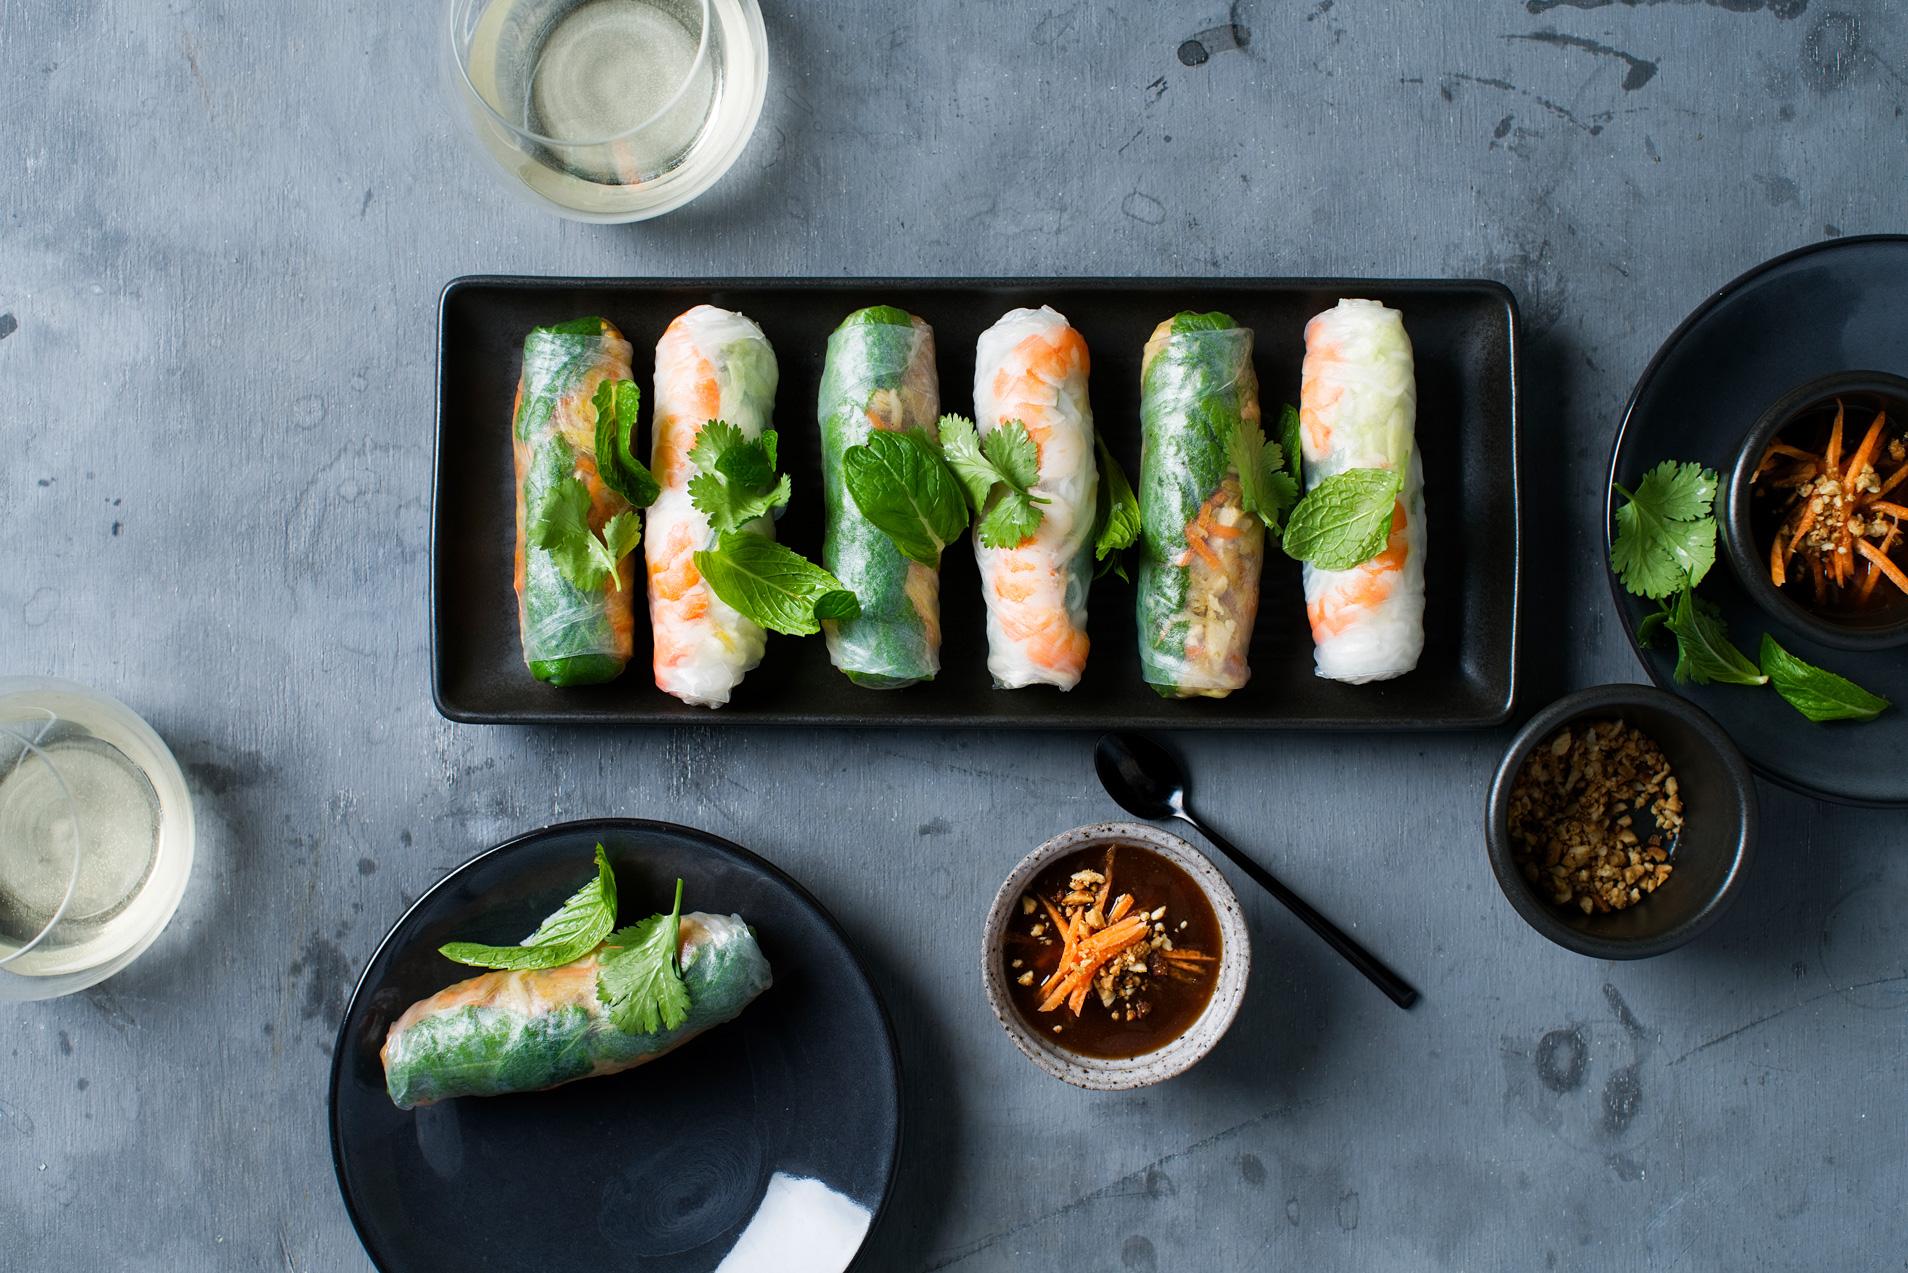 Fresh summer rolls $7.50 (Entr é e, 2 pieces)